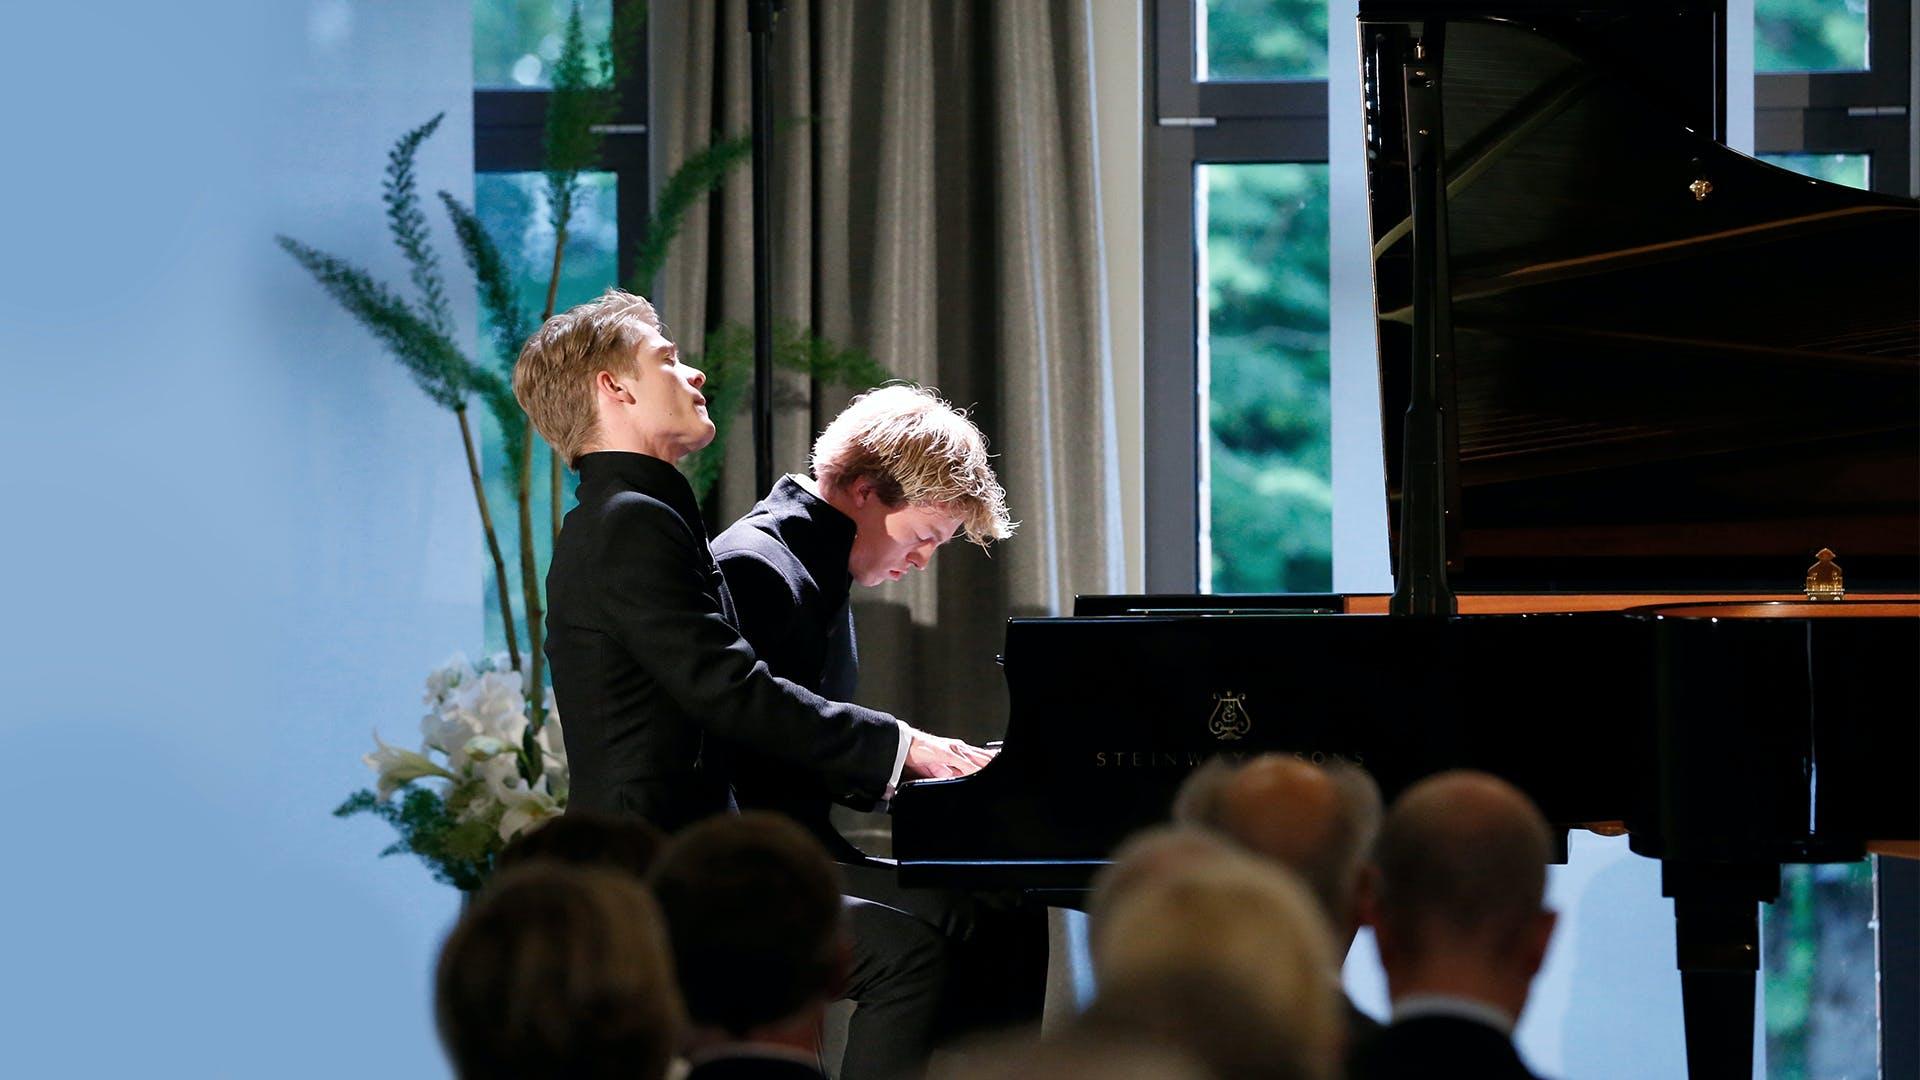 Klavierfestival Ruhr